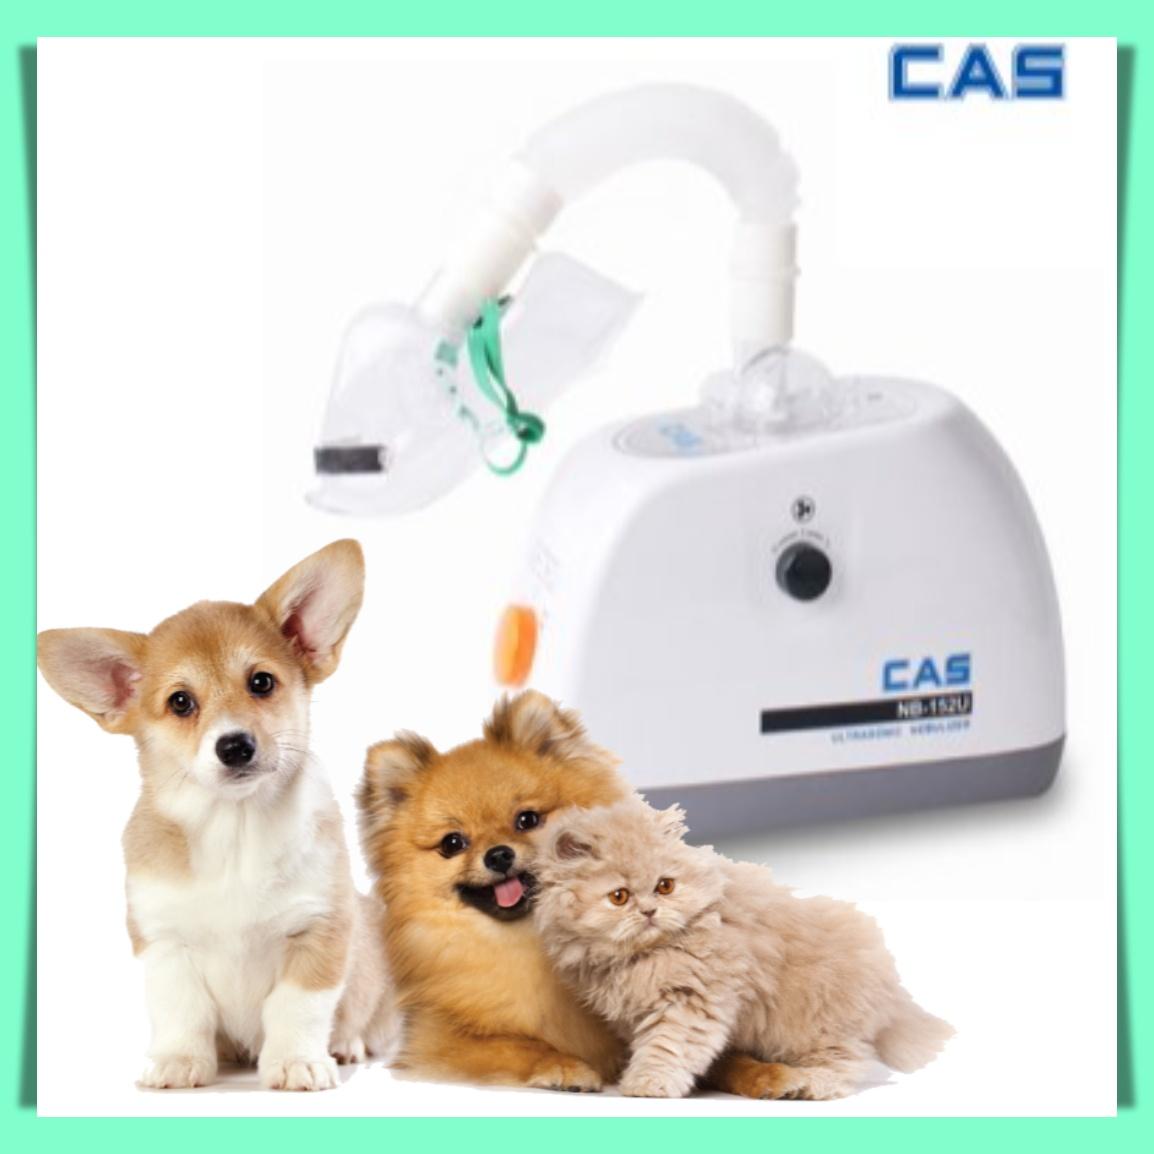 강아지 고양이 네블라이저 네뷸라이저 천식흡입기 휴대용 가정용 nebulizer 호흡기치료기, 1개 (POP 4556778402)